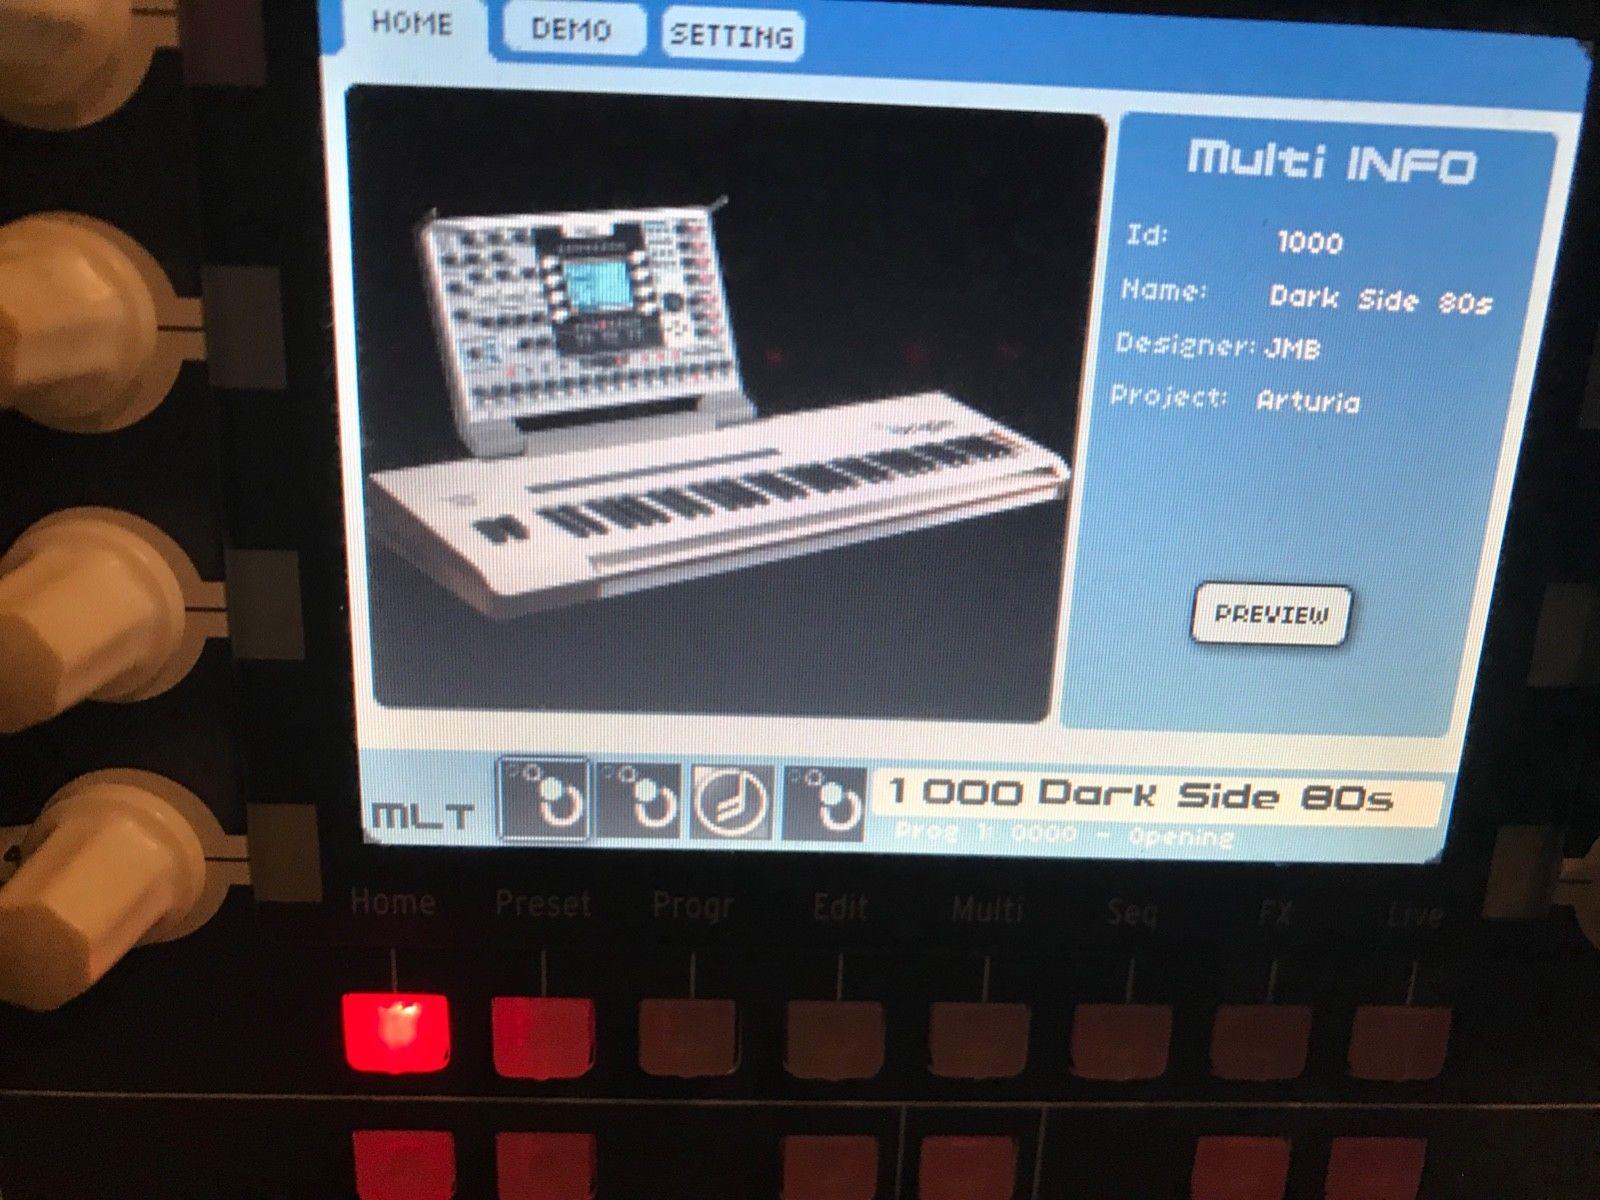 arturia software demo